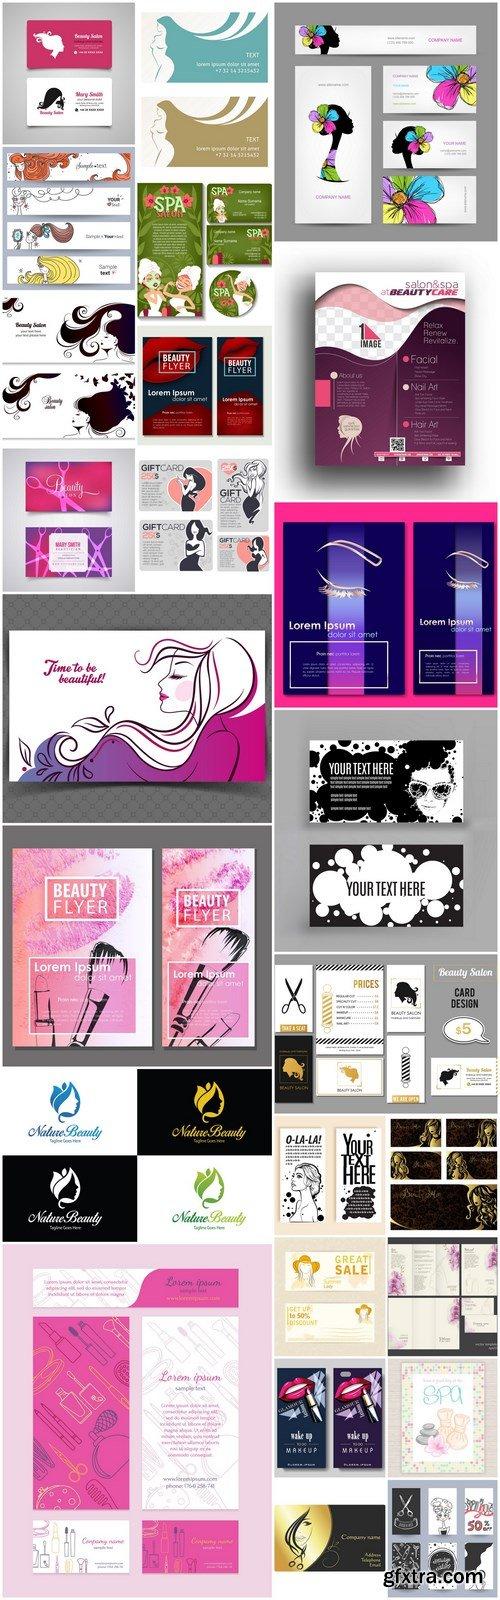 Fashion Beauty Salon Card #2 - 25 Vector